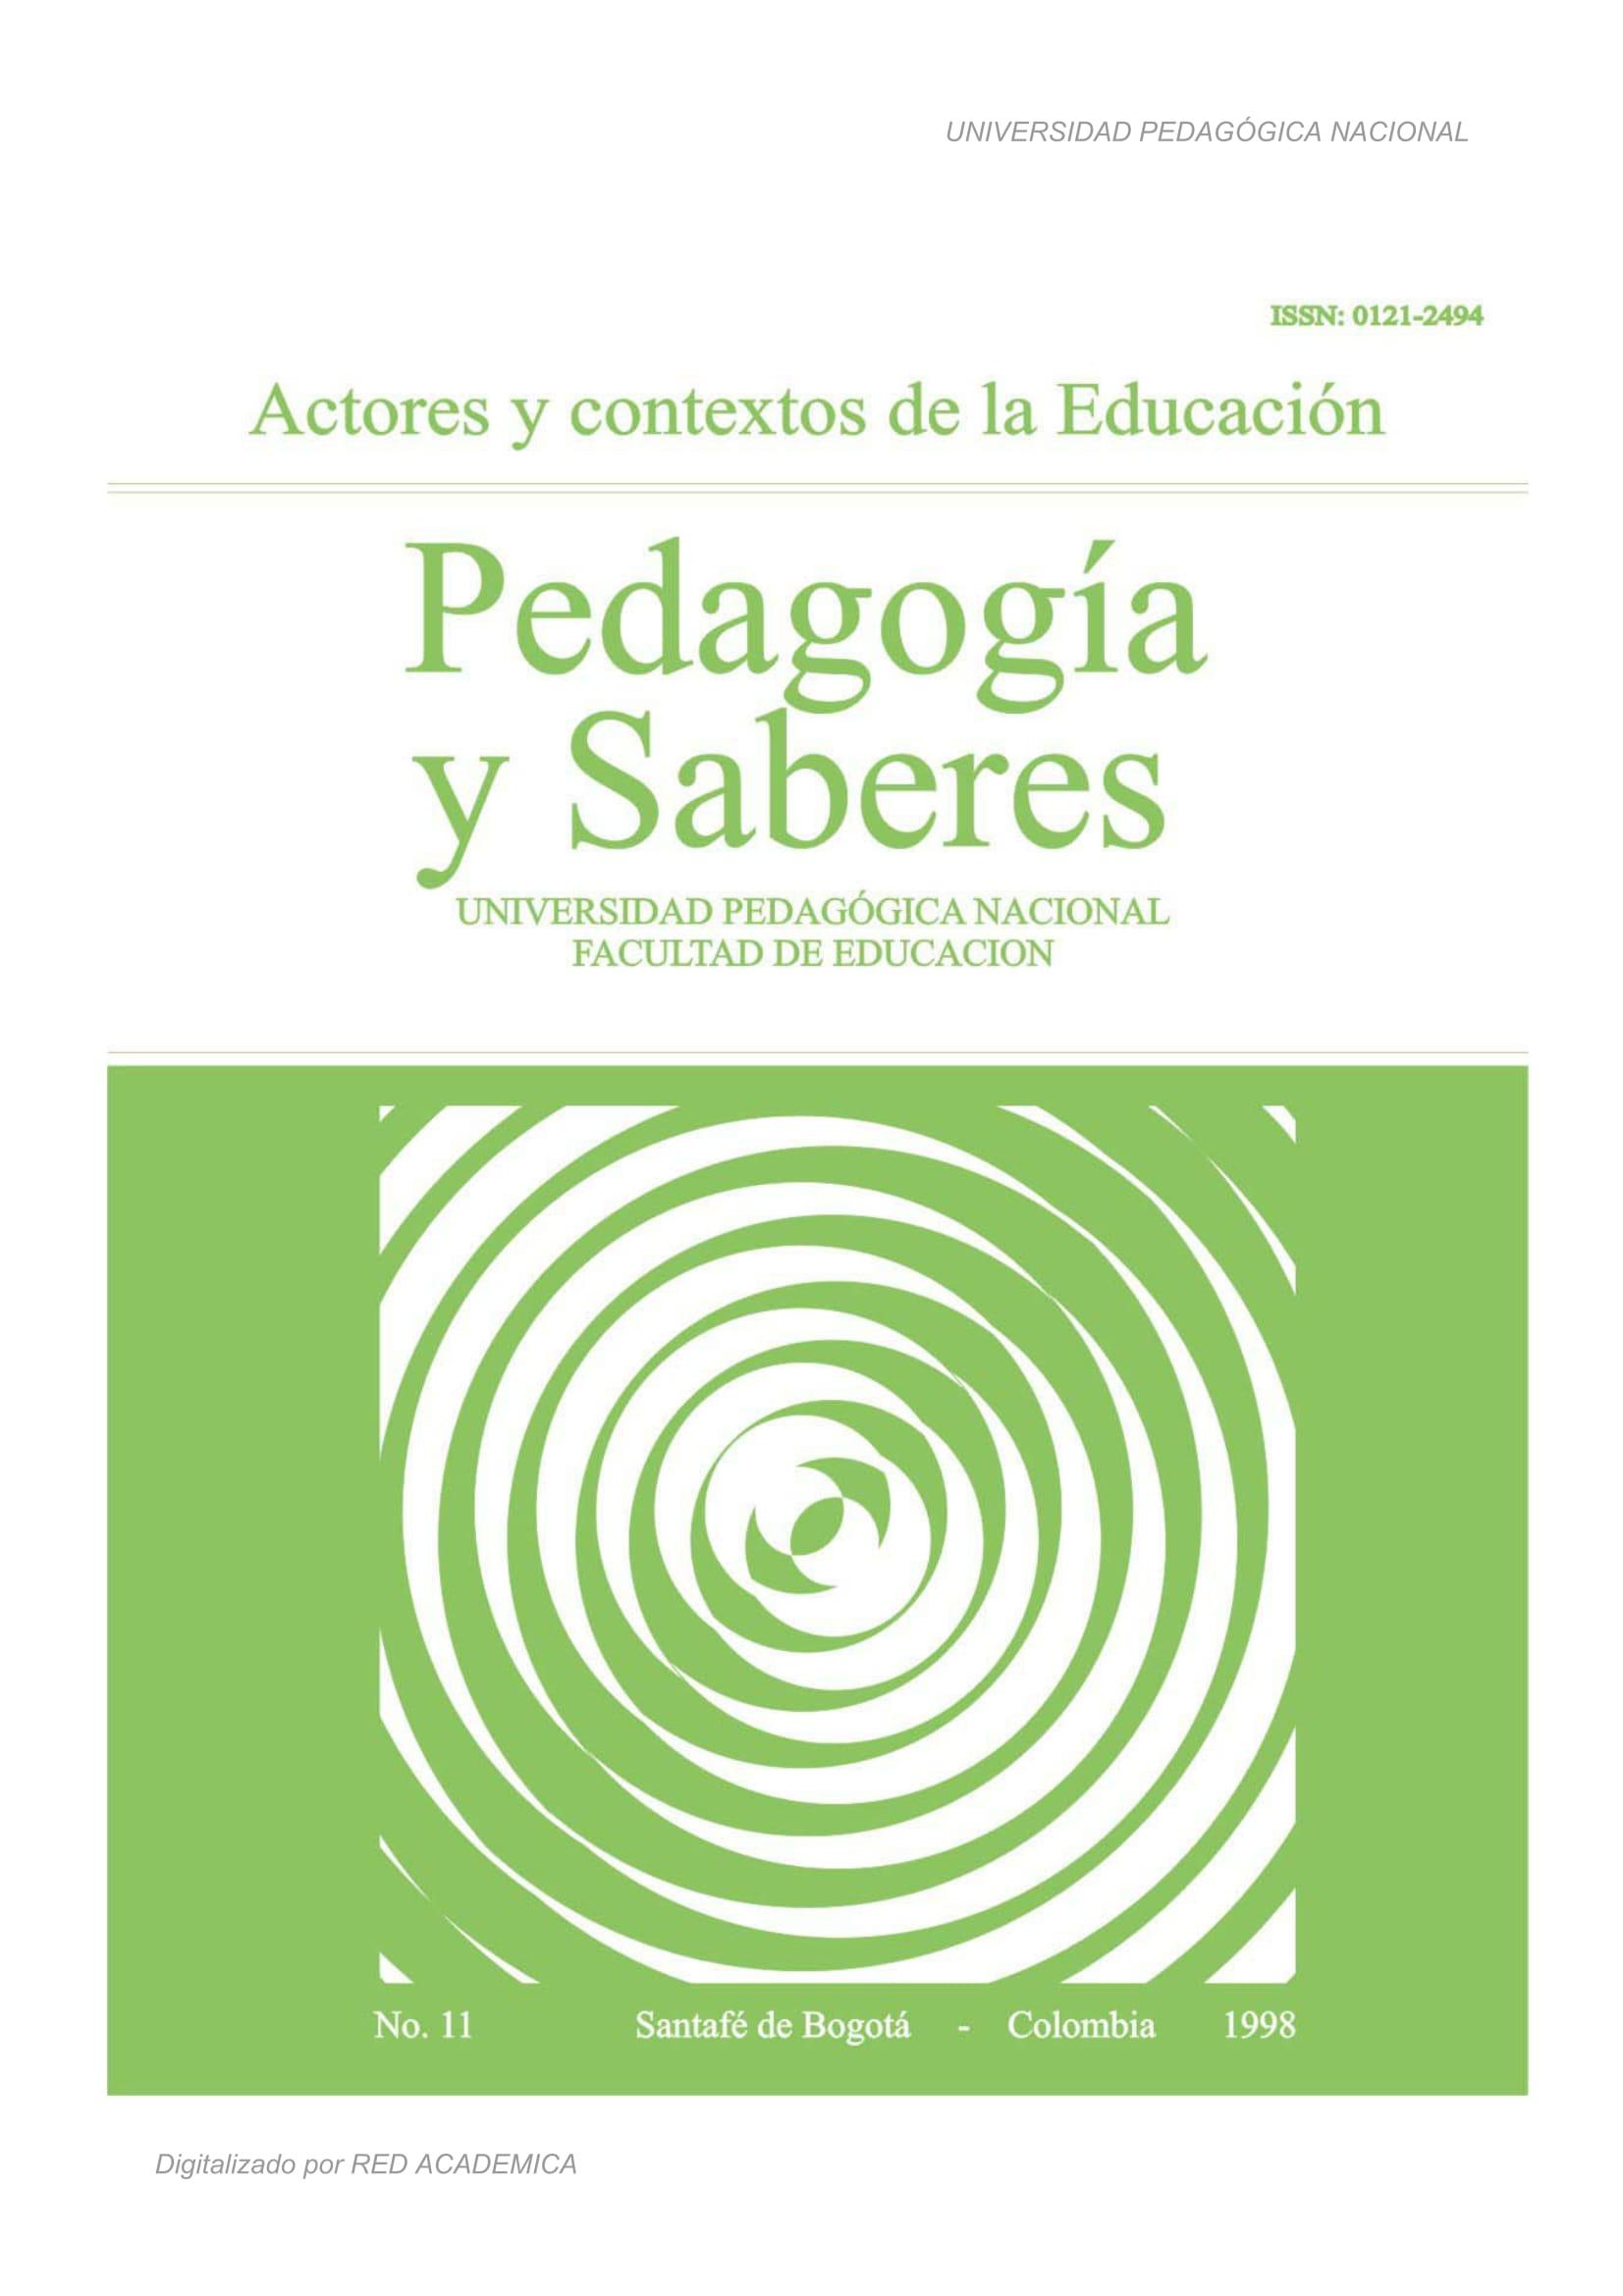 Actores y contextos de la Educación